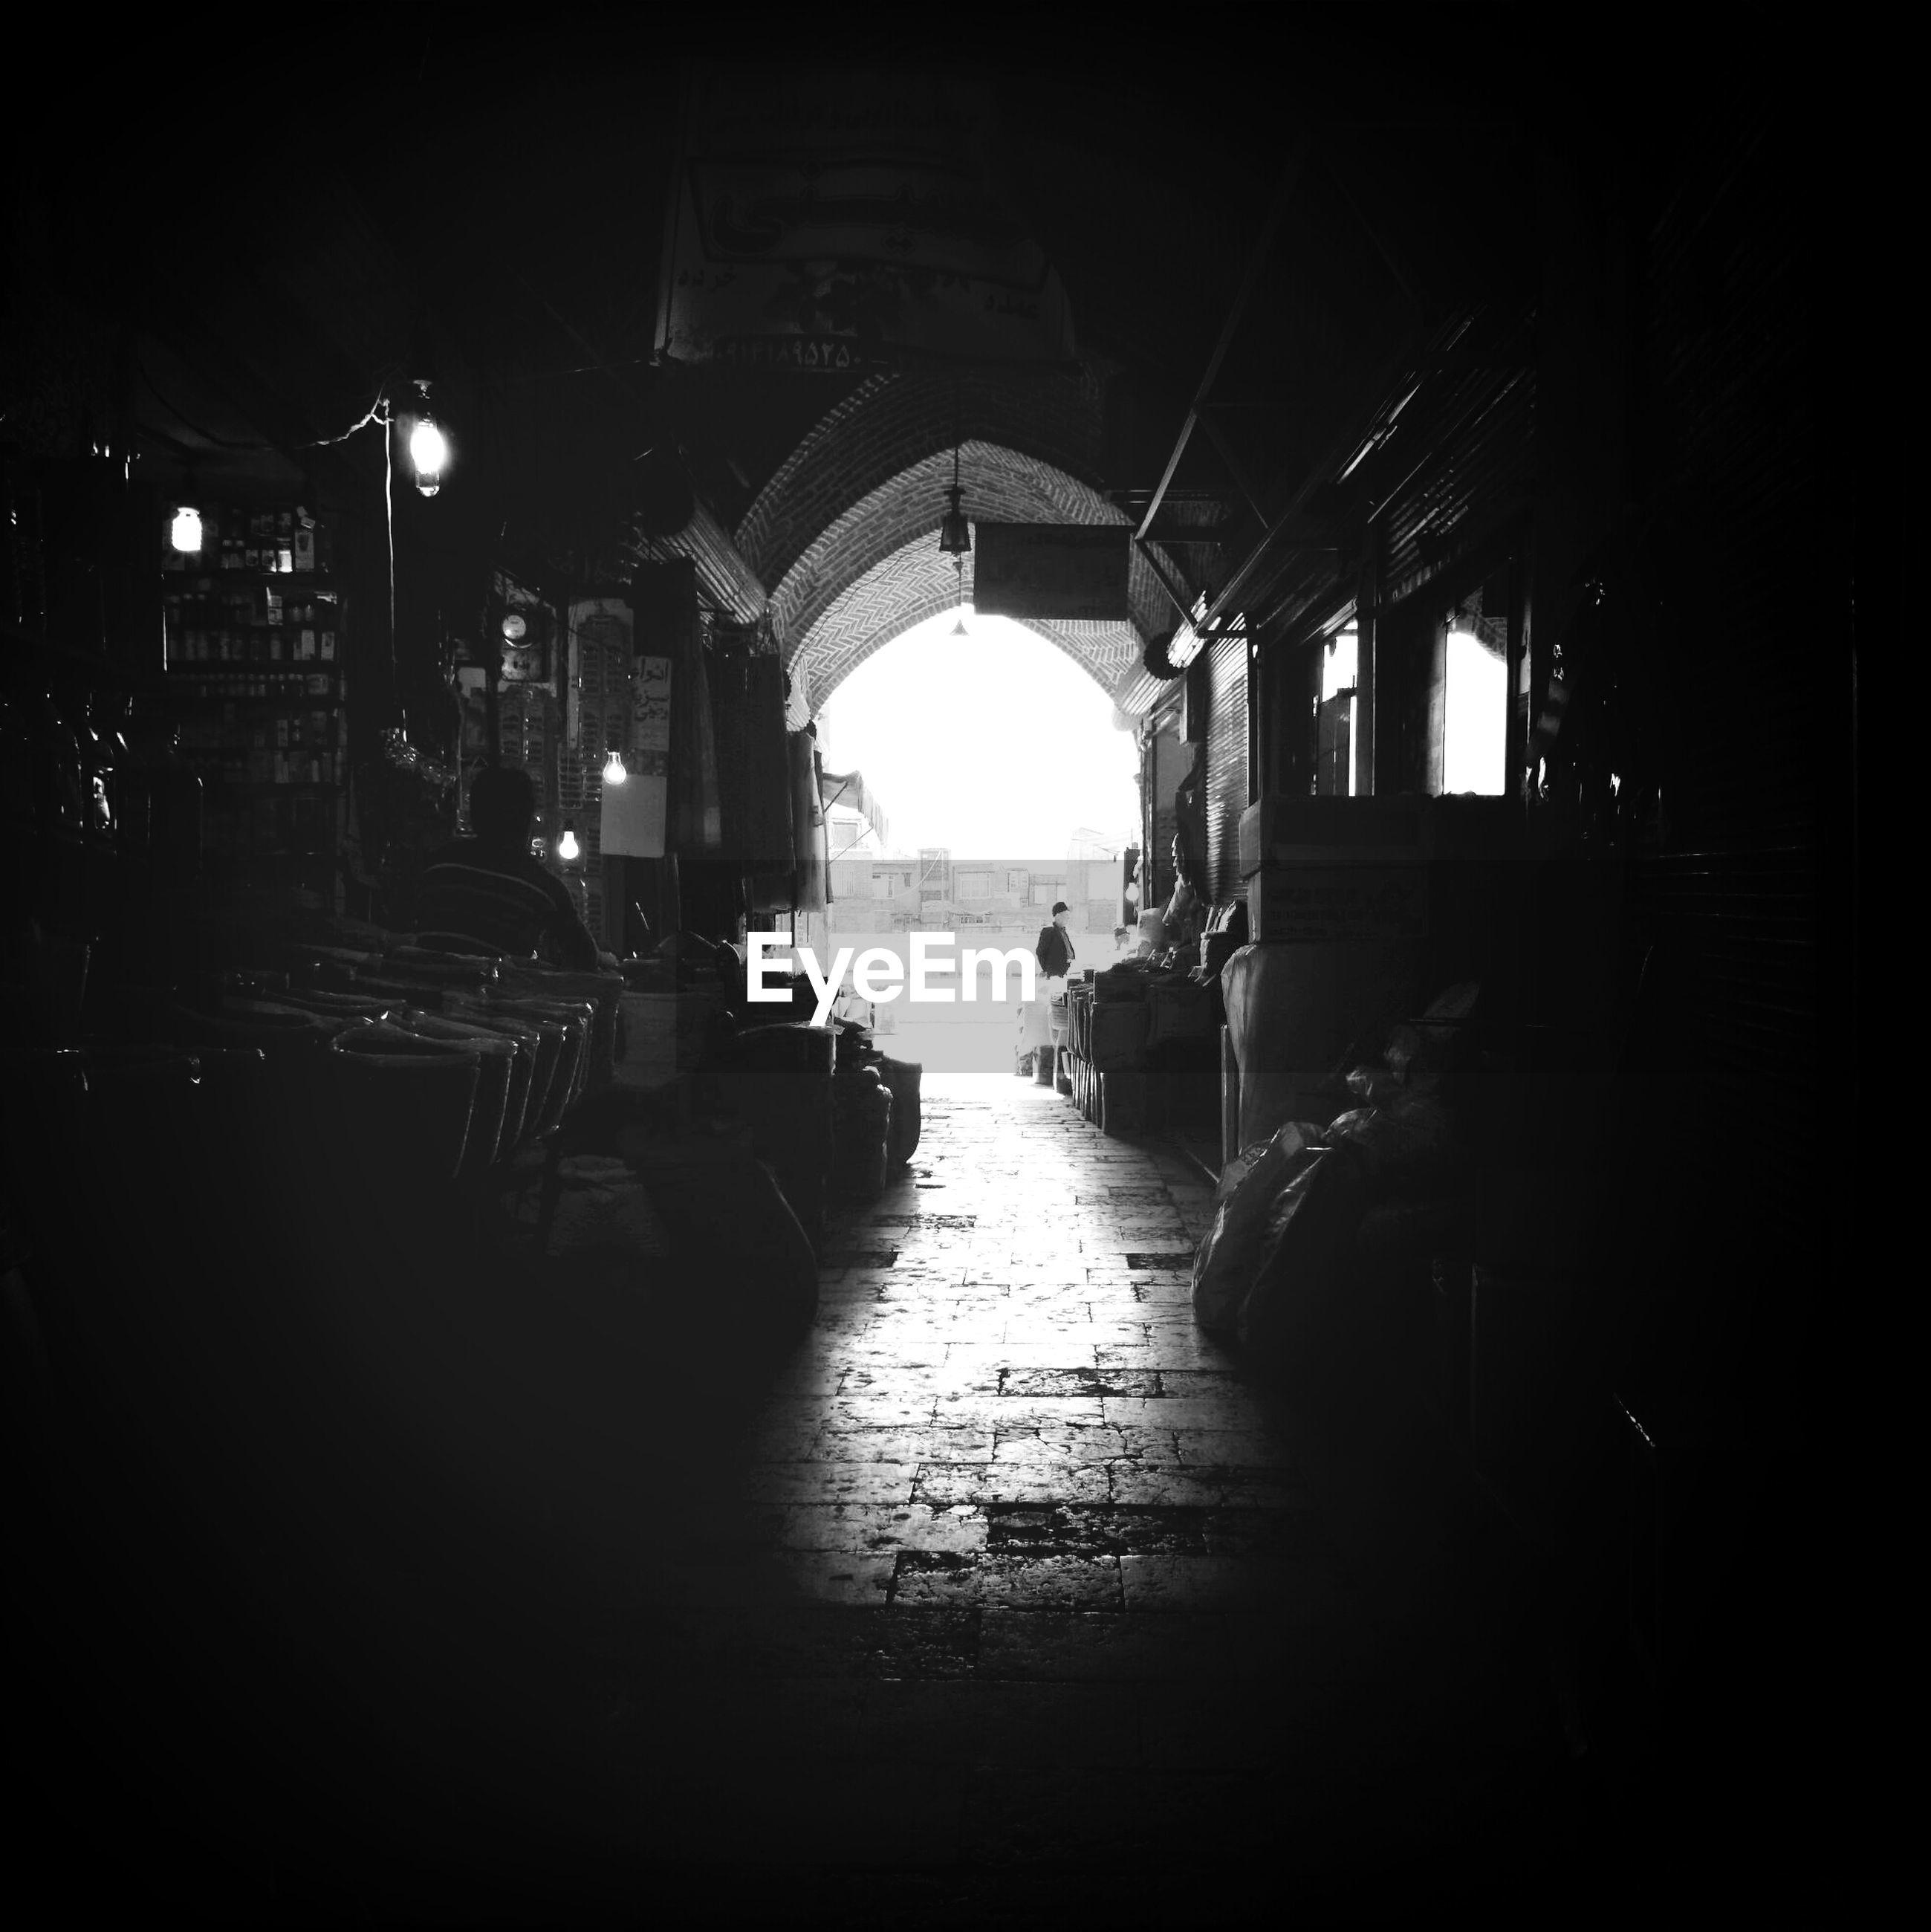 Entrance to a dark old bazaar